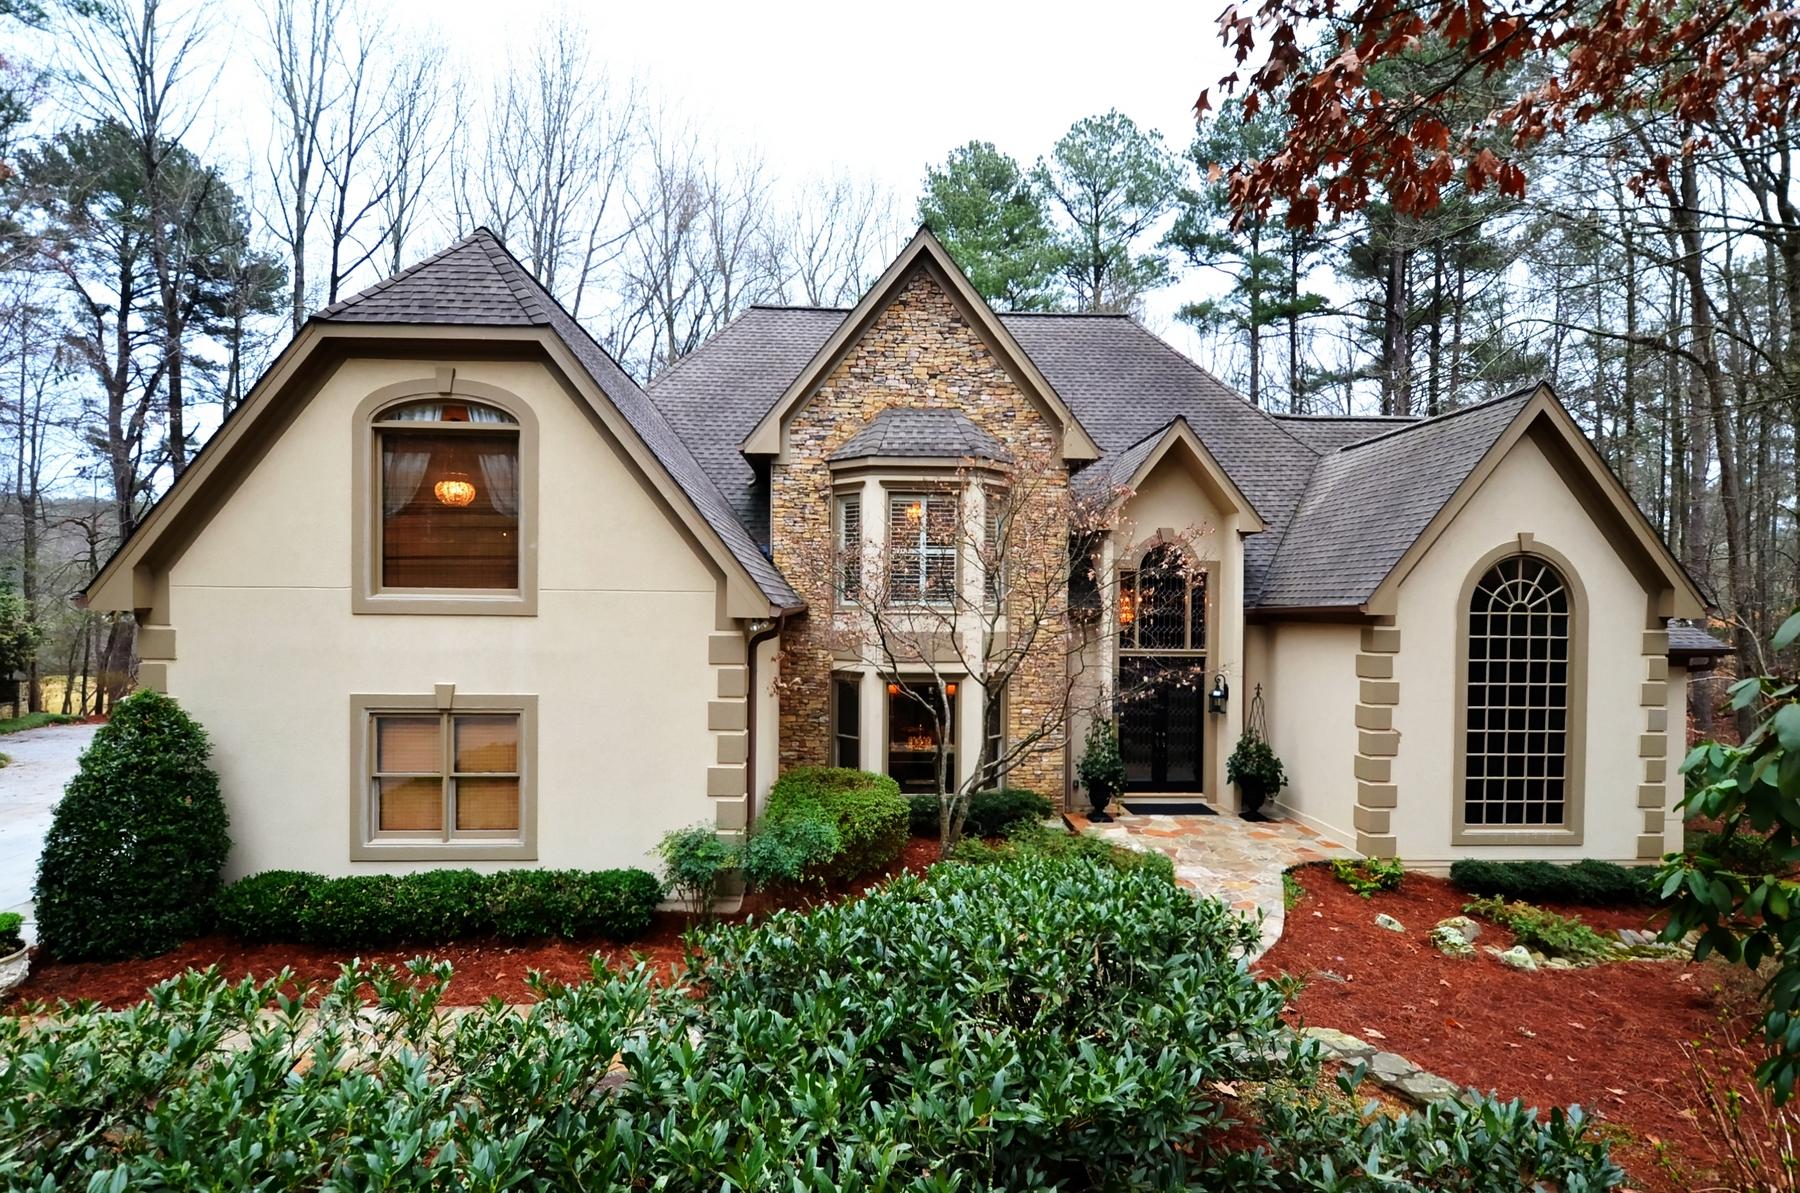 独户住宅 为 销售 在 Spectacular Golf Course Lot 4435 Pemberton Cove Johns Creek, 乔治亚州, 30022 美国